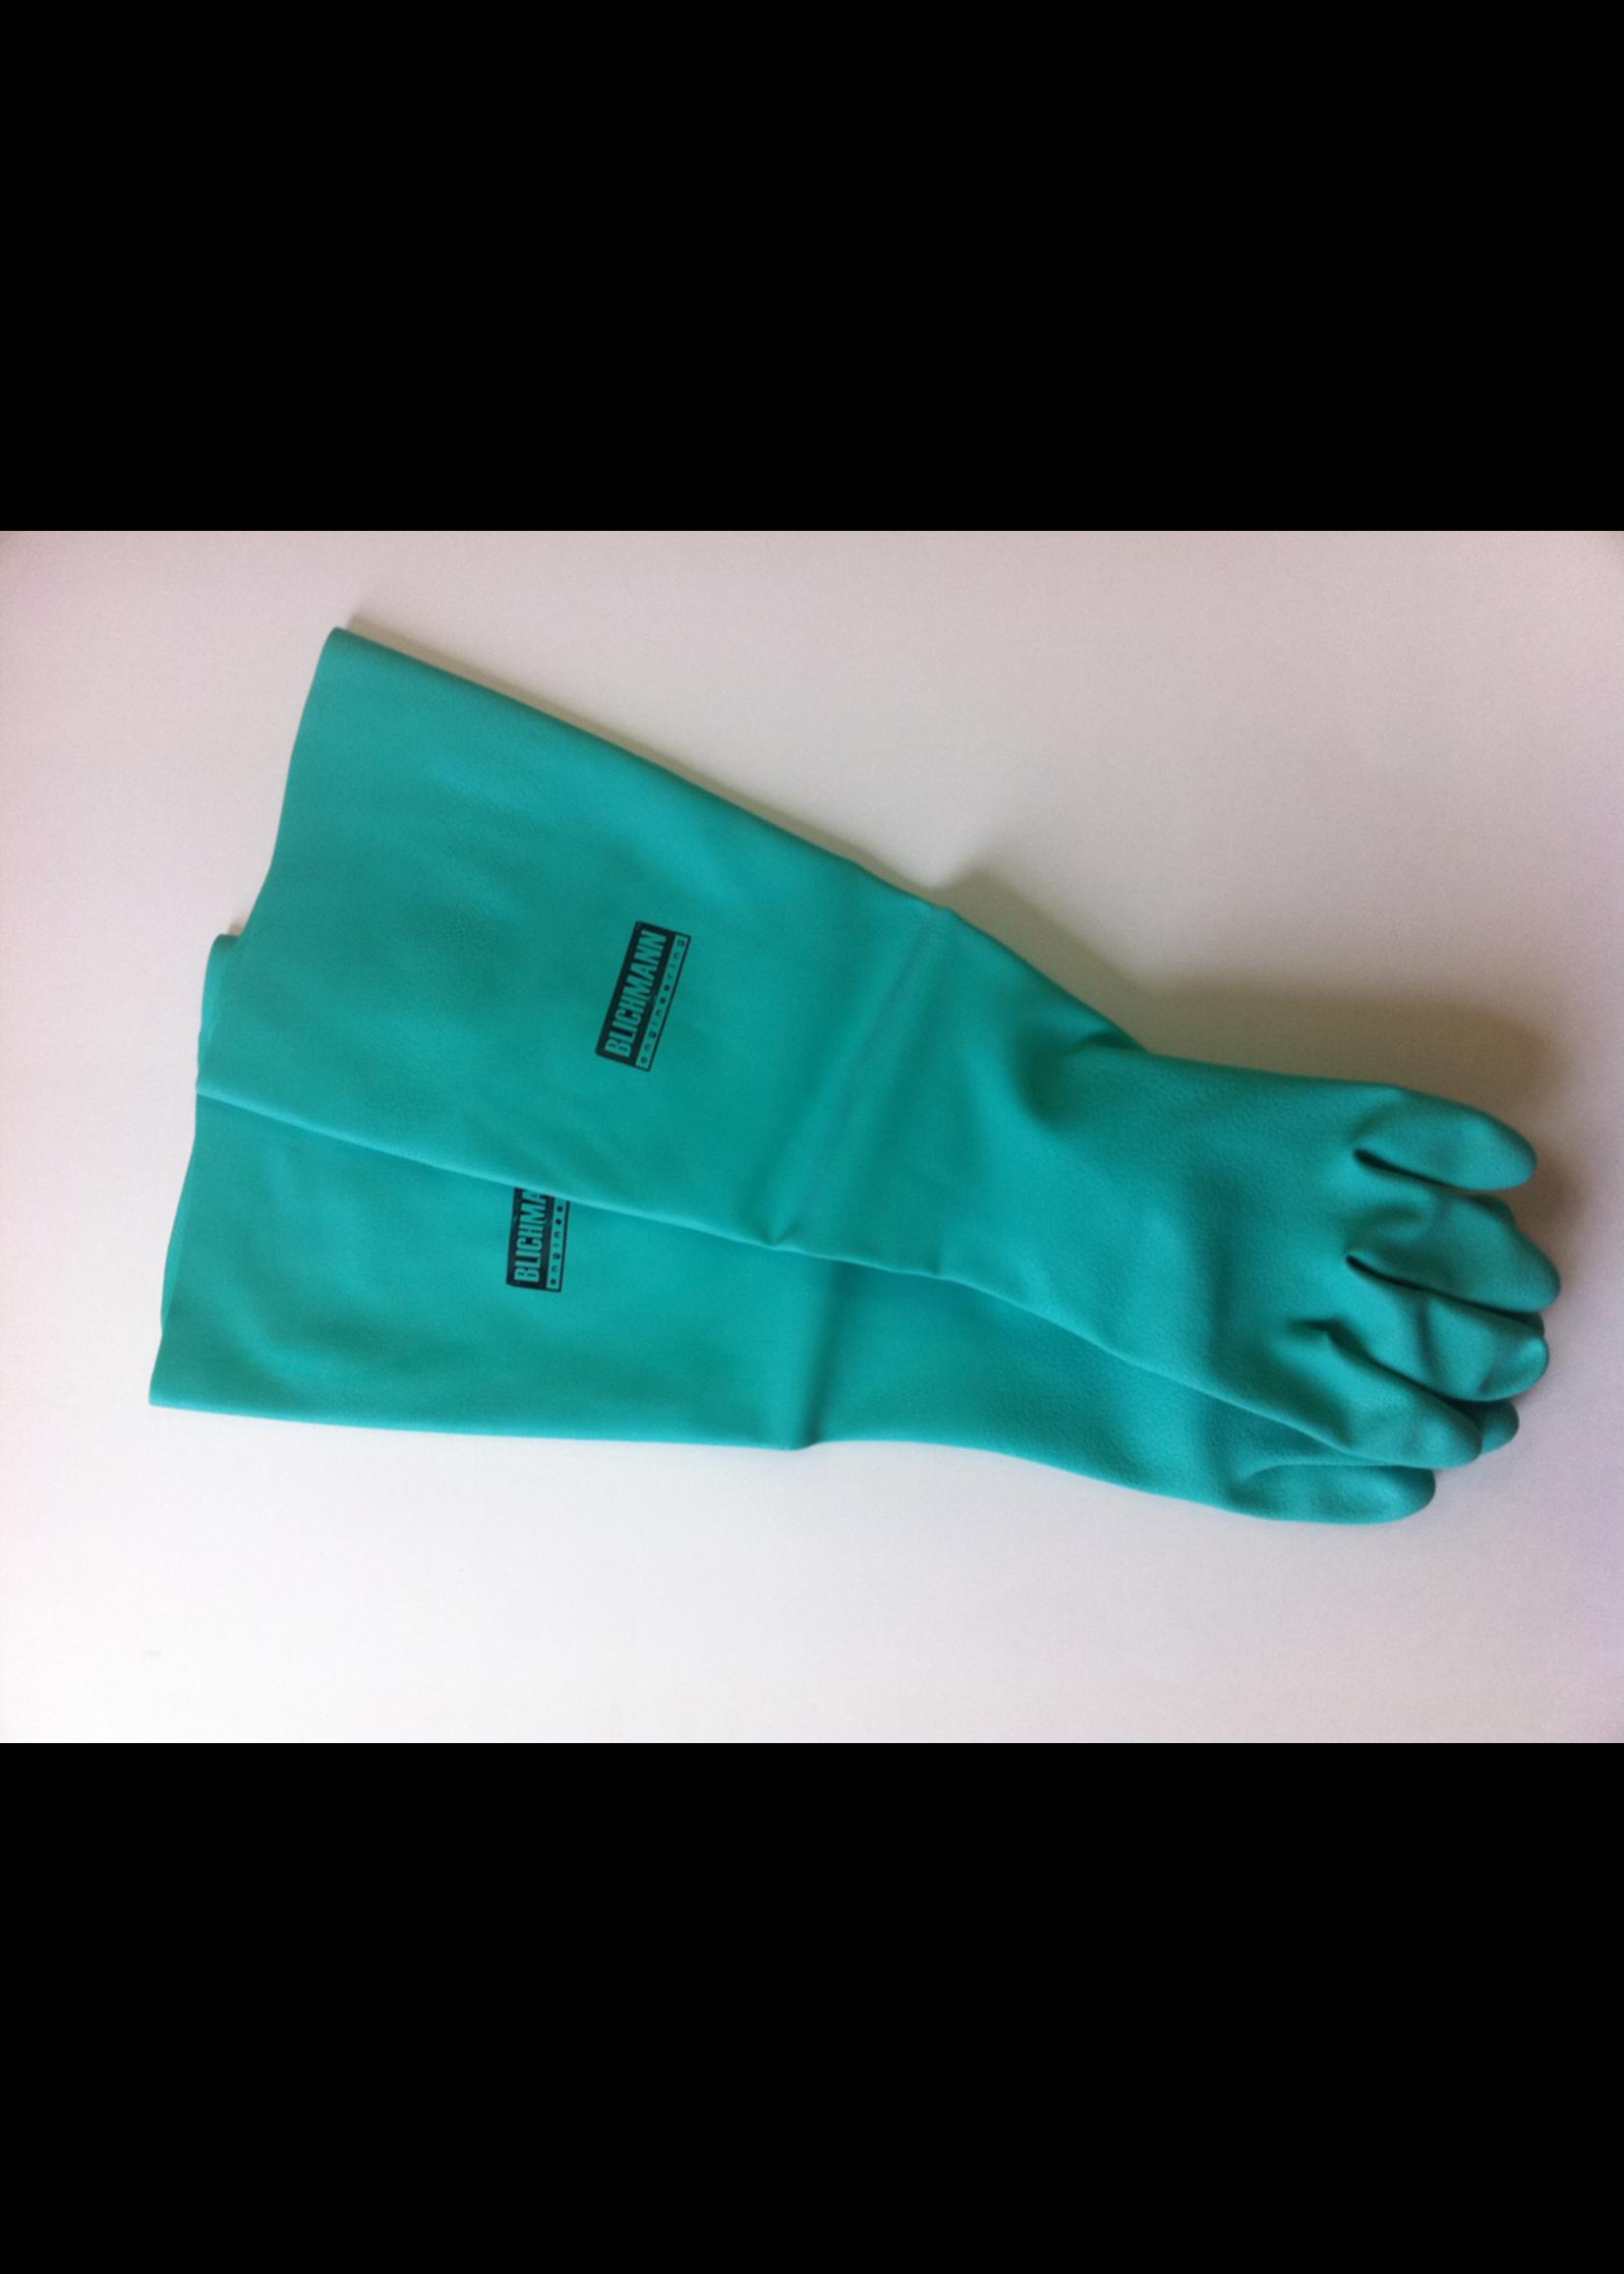 Blichmann Blichmann Premium Brewing Gloves - Large